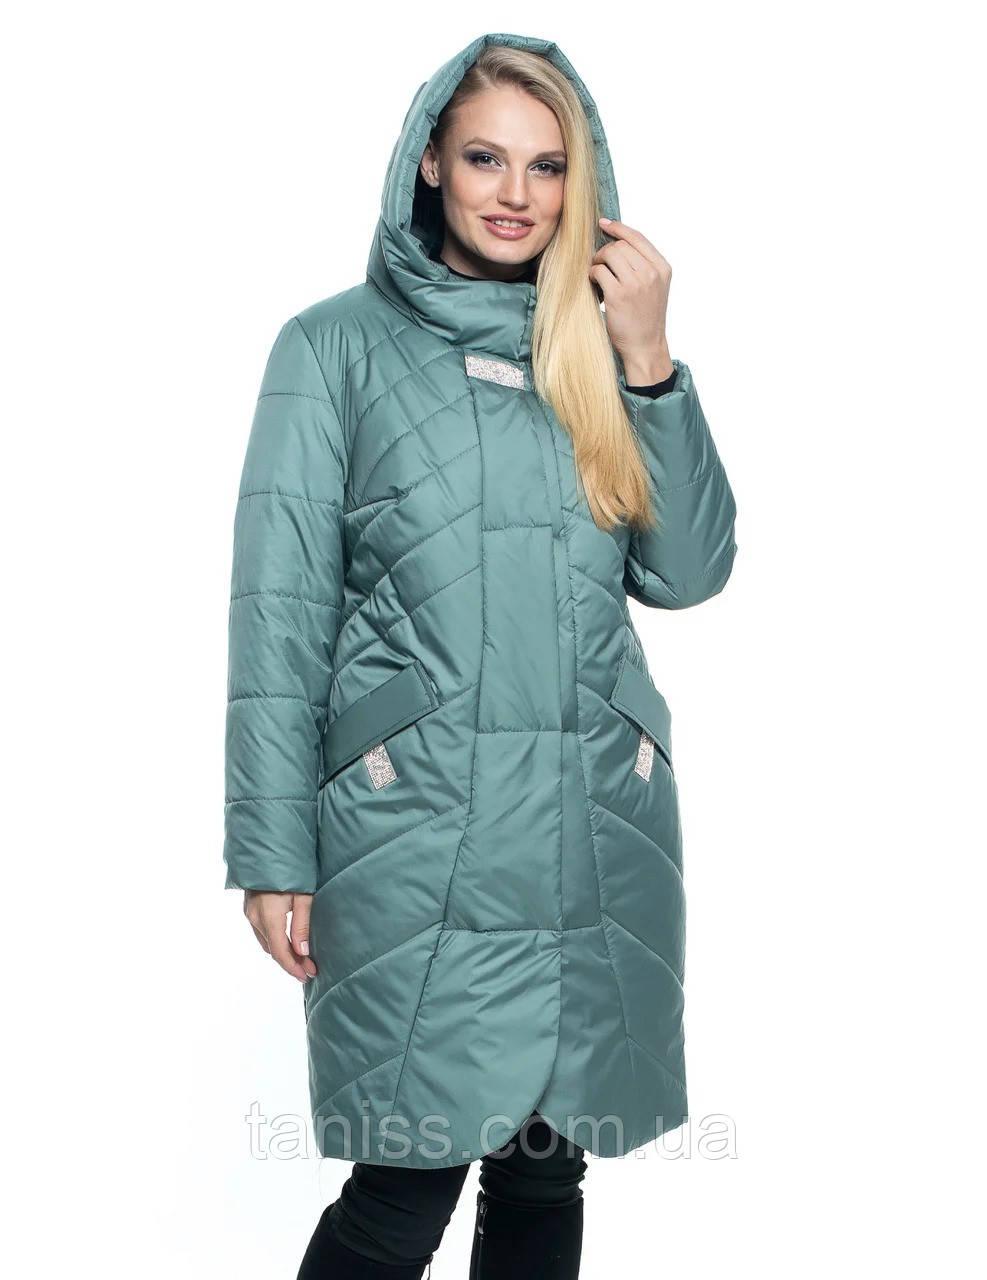 Женская демисезонная куртка большого размера, капюшон вшитый, р-ры с 44 по 56, мята(106) - фото 3